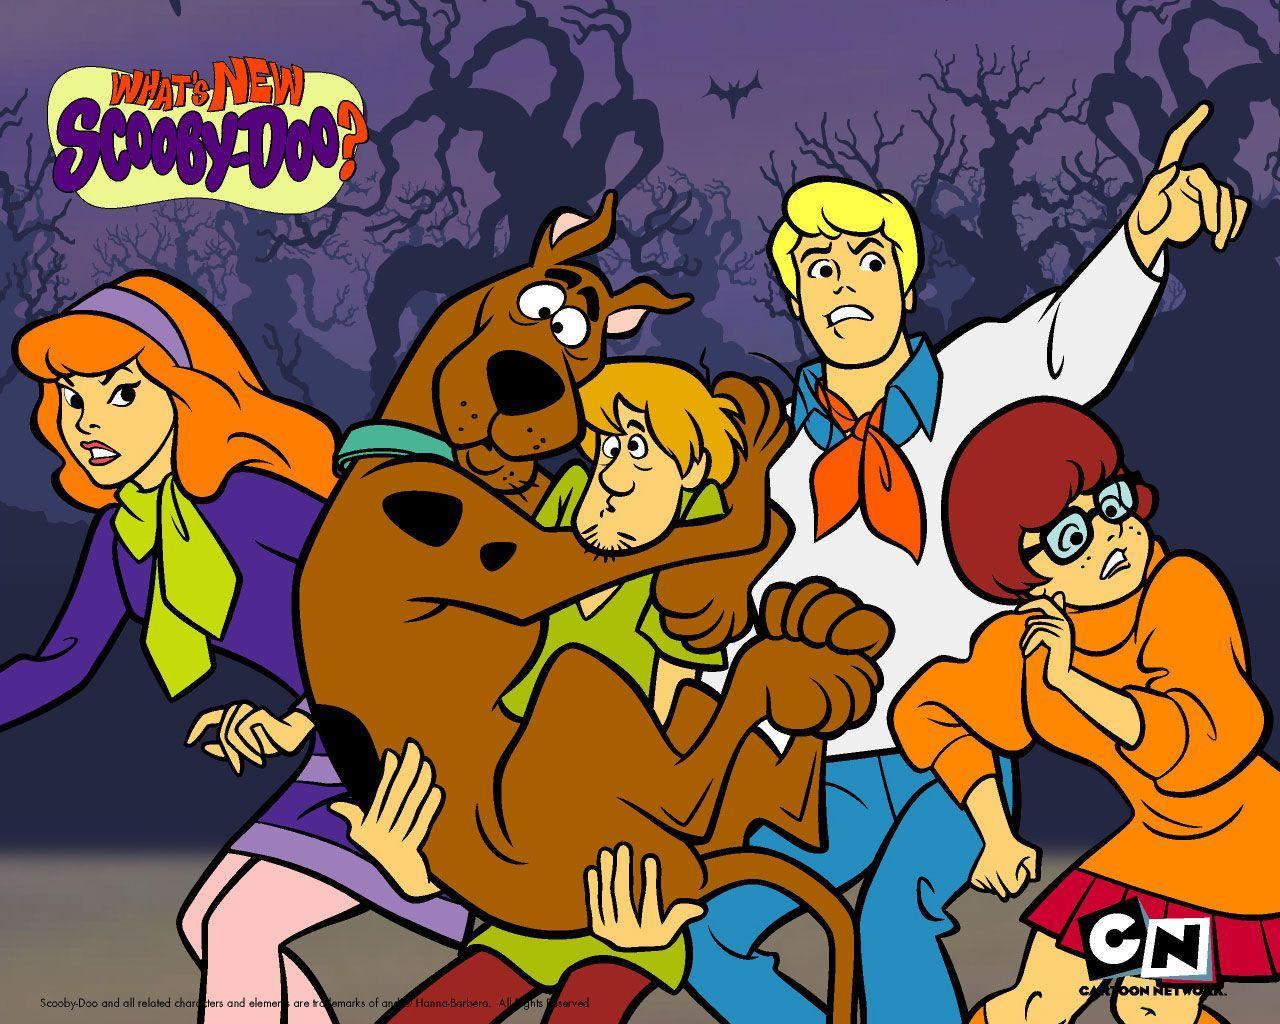 Scooby Doo Movie 4k Desktop Wallpapers - Wallpaper Cave